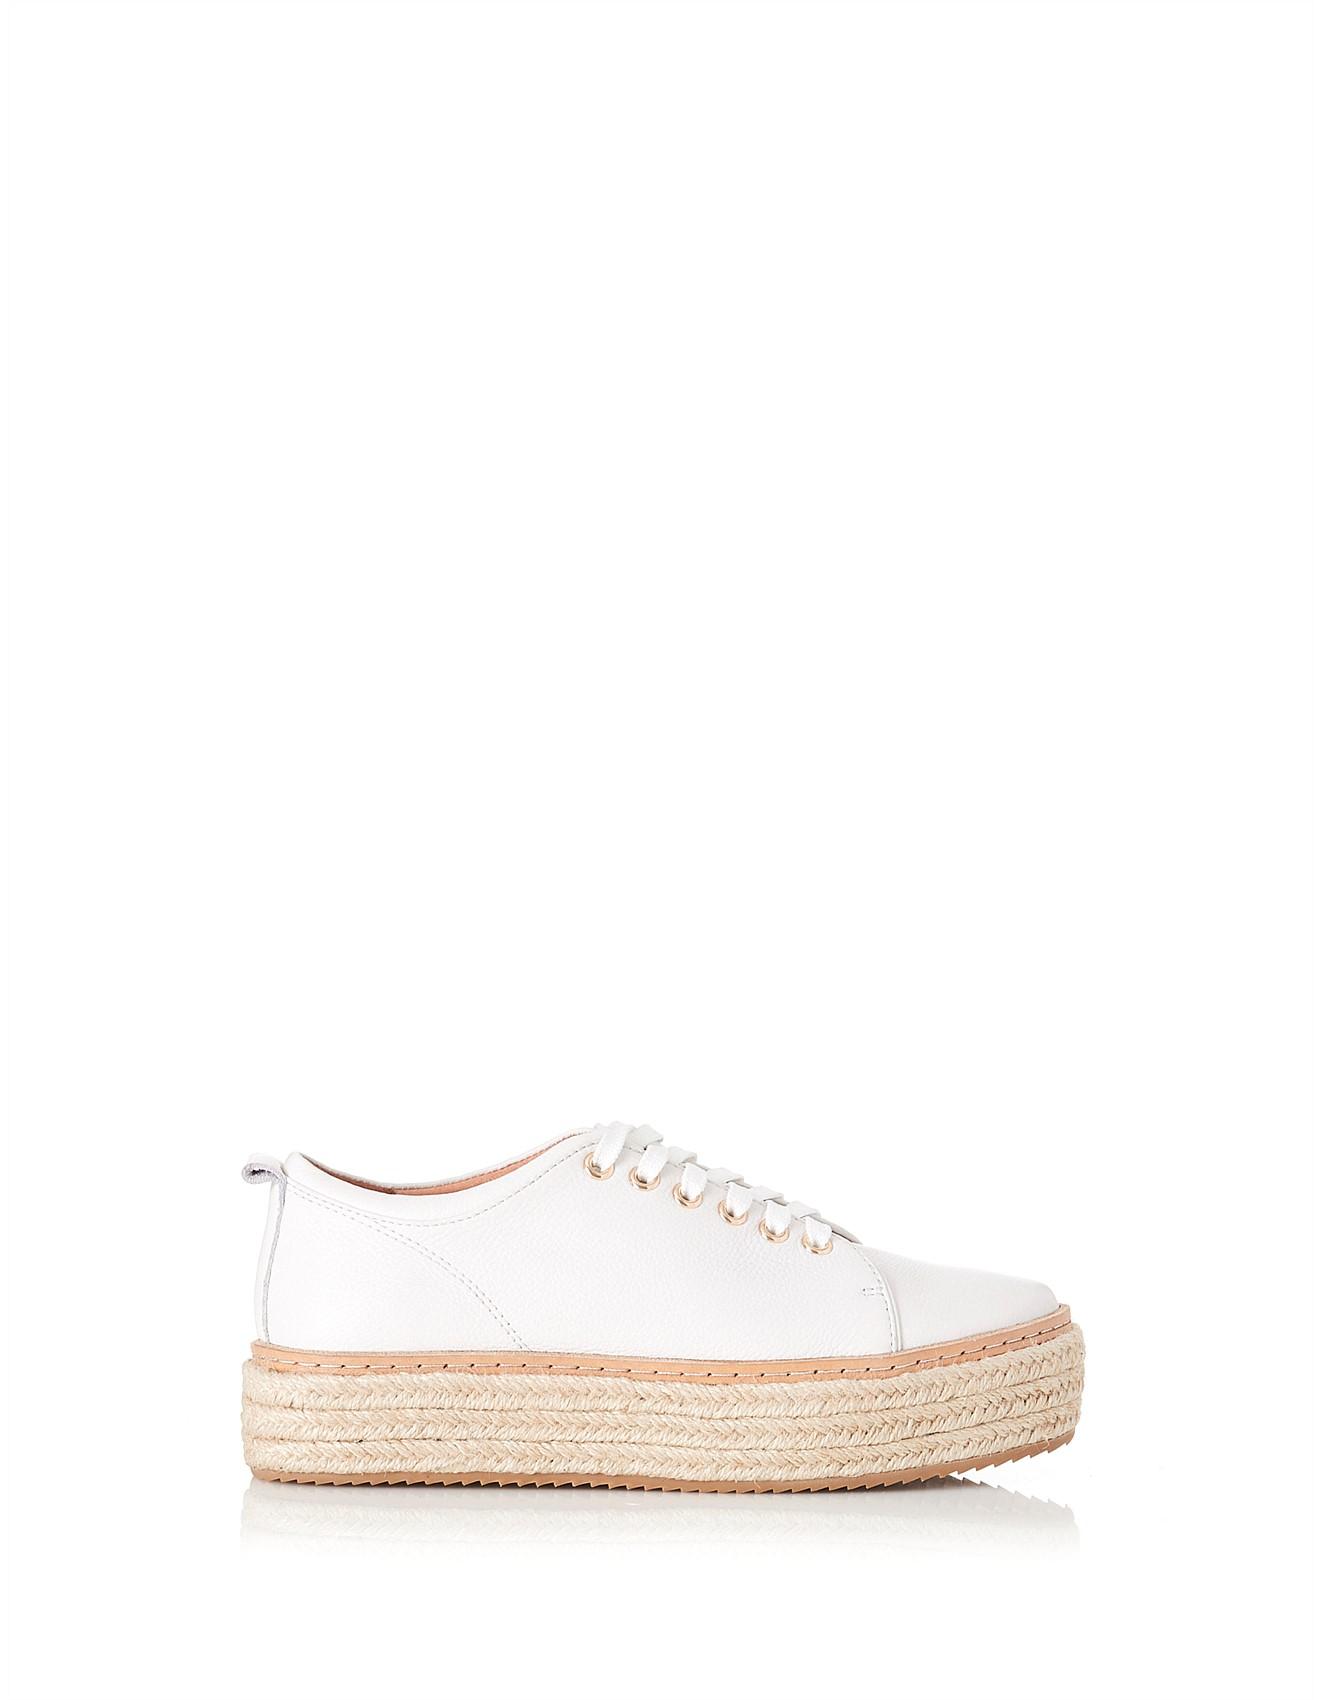 Women's Shoes Sale   Buy Ladies Shoes